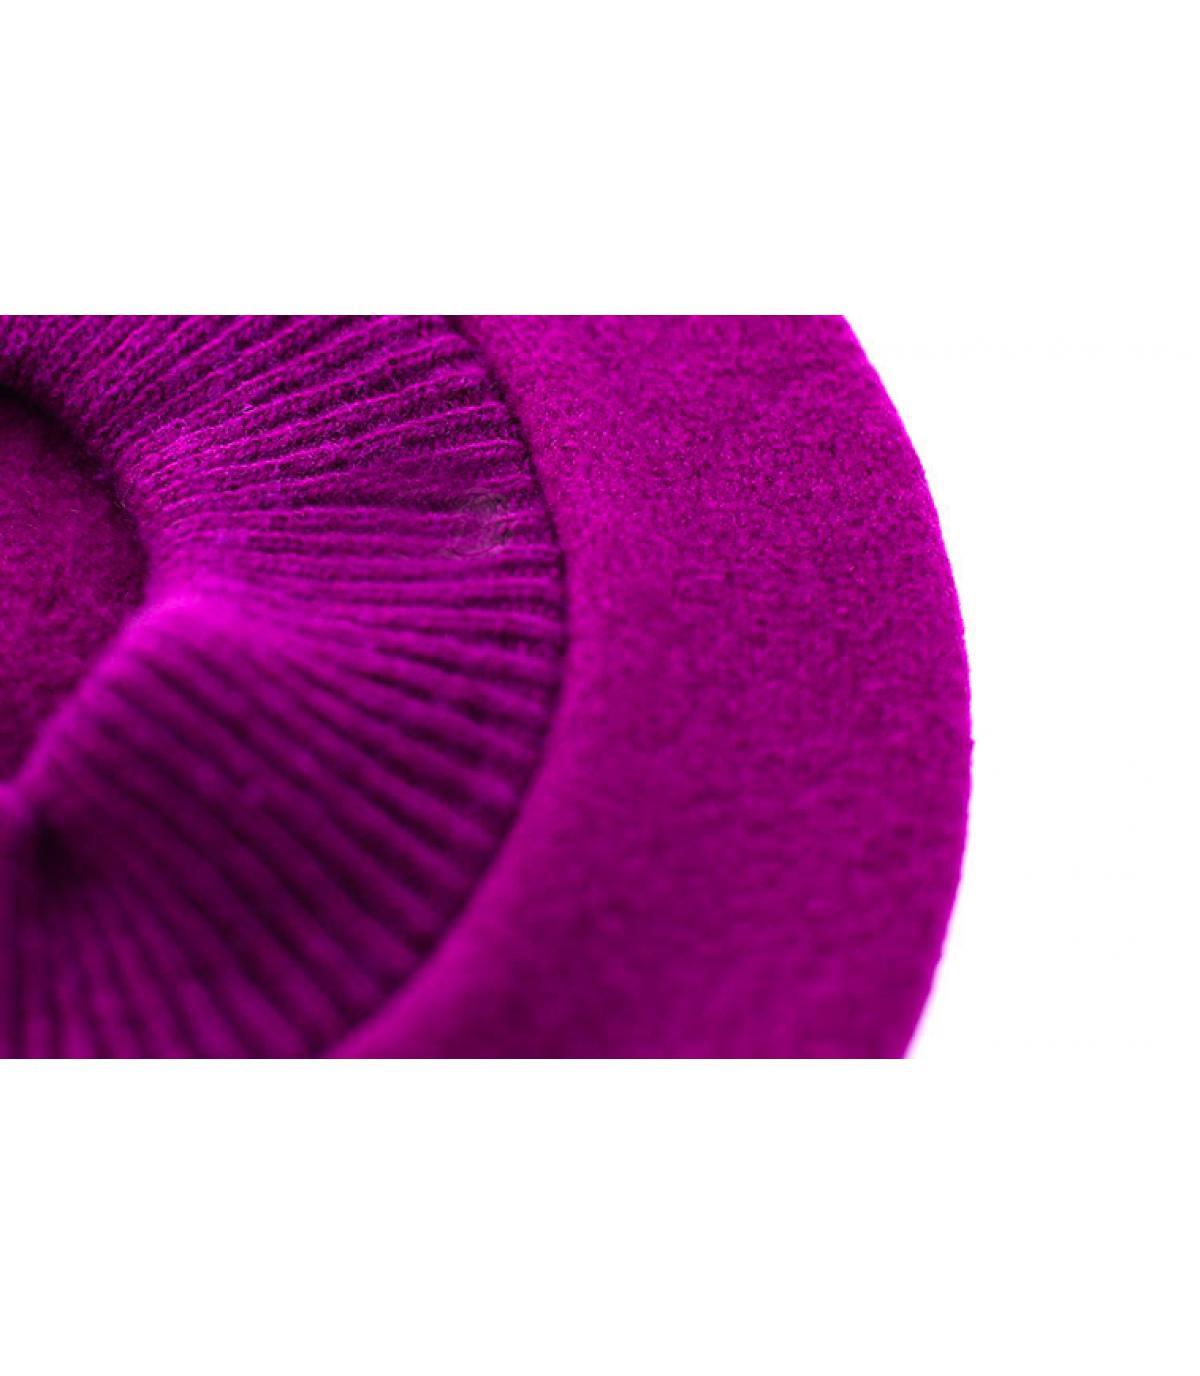 Details Parisienne violet - Abbildung 3